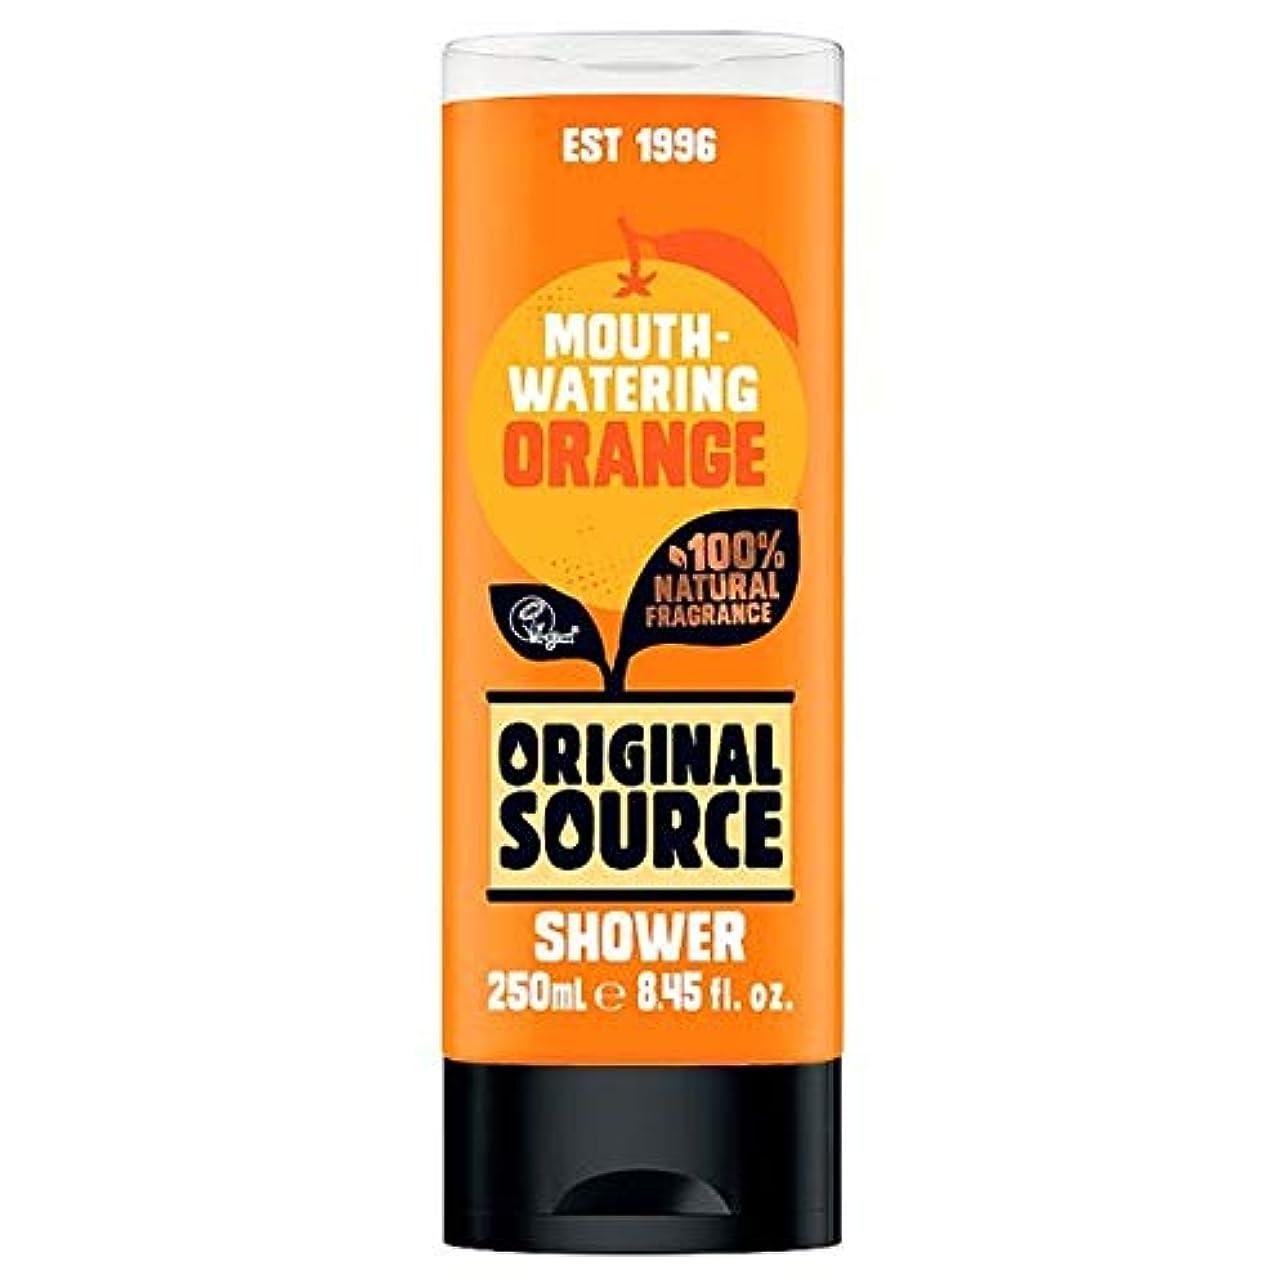 味満員のり[Original Source ] 元のソースオレンジシャワージェル250ミリリットル - Original Source Orange Shower Gel 250Ml [並行輸入品]